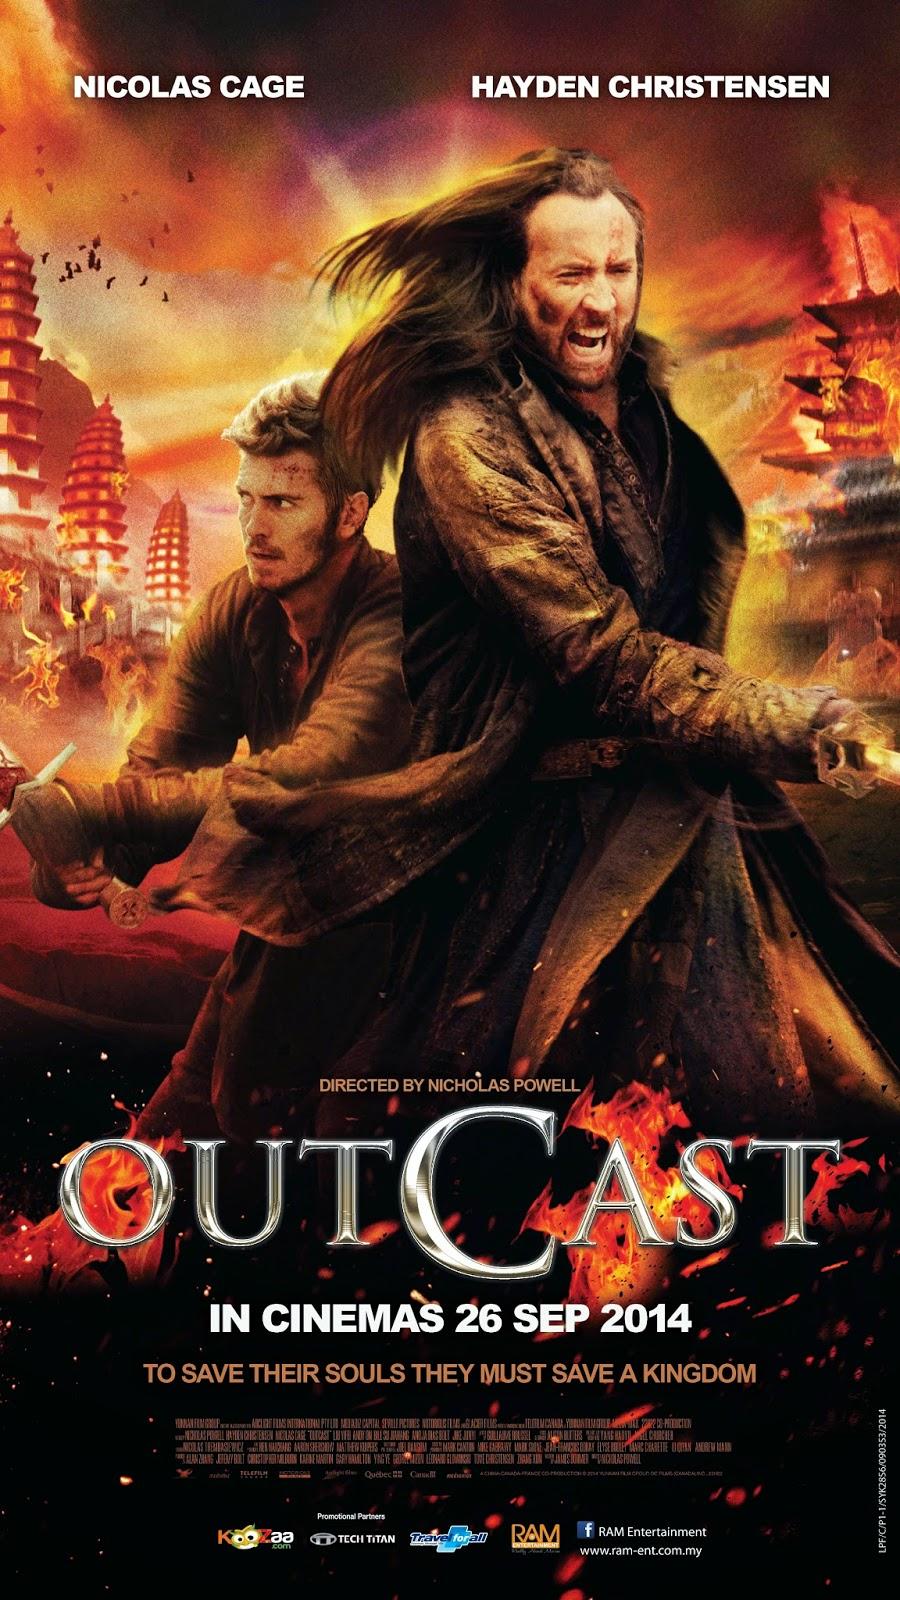 outcast film